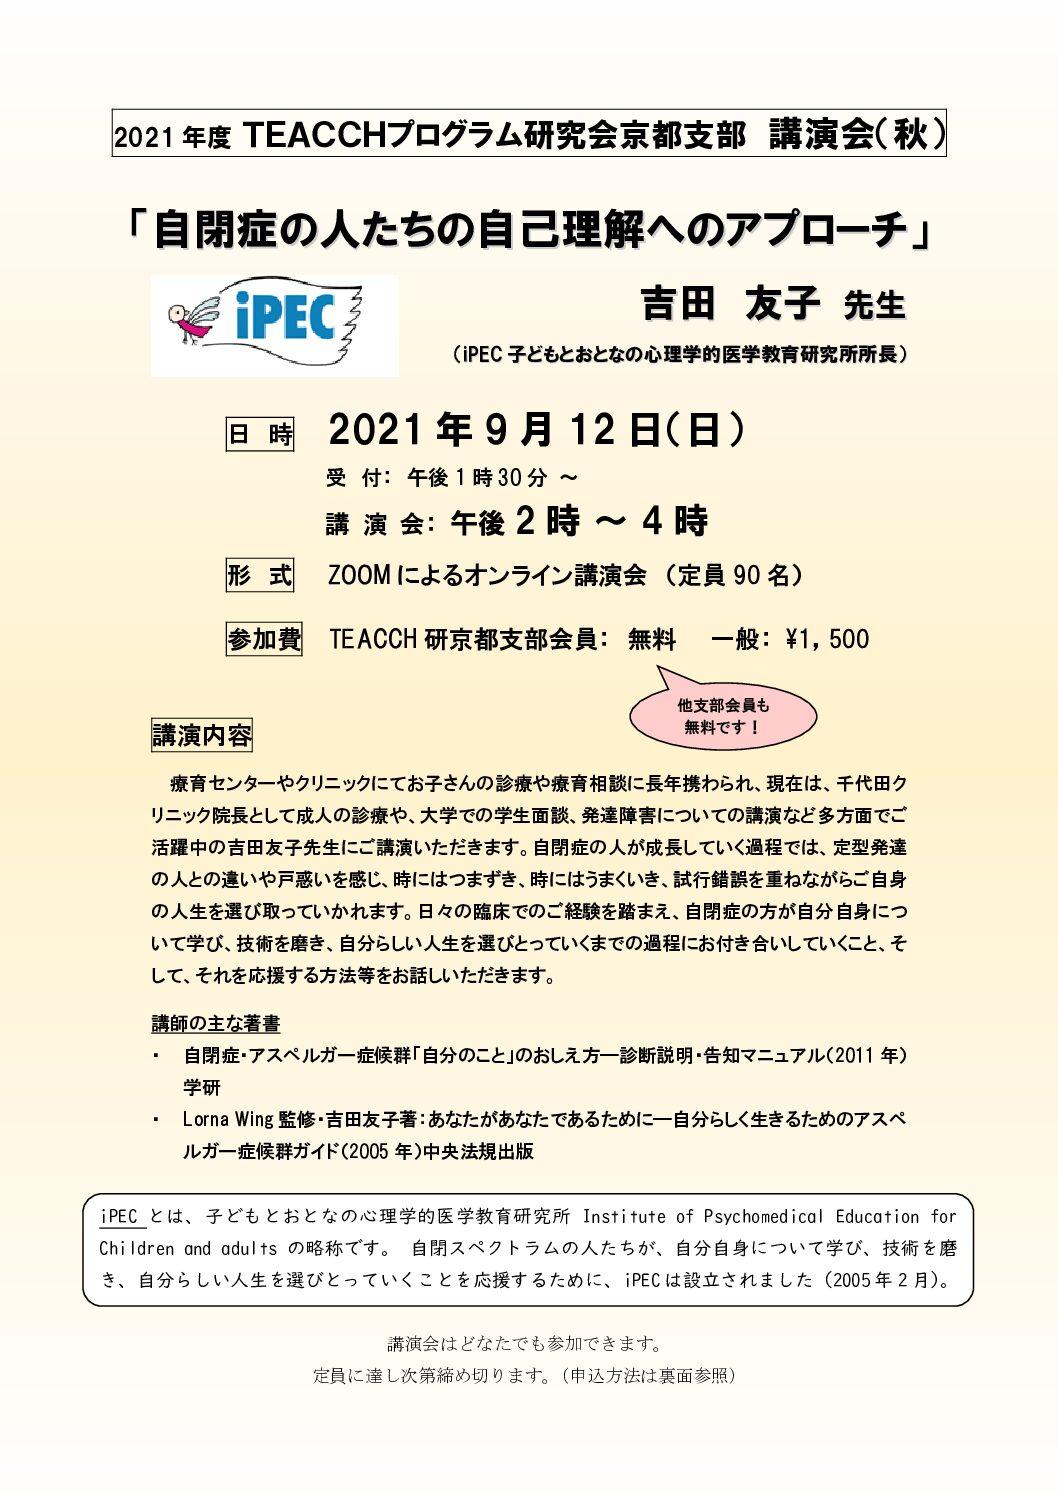 2021年9月12日(日) TEACCHプログラム研究会京都支部 講演会(秋)「自閉症の人たちの自己理解へのアプローチ」@オンライン